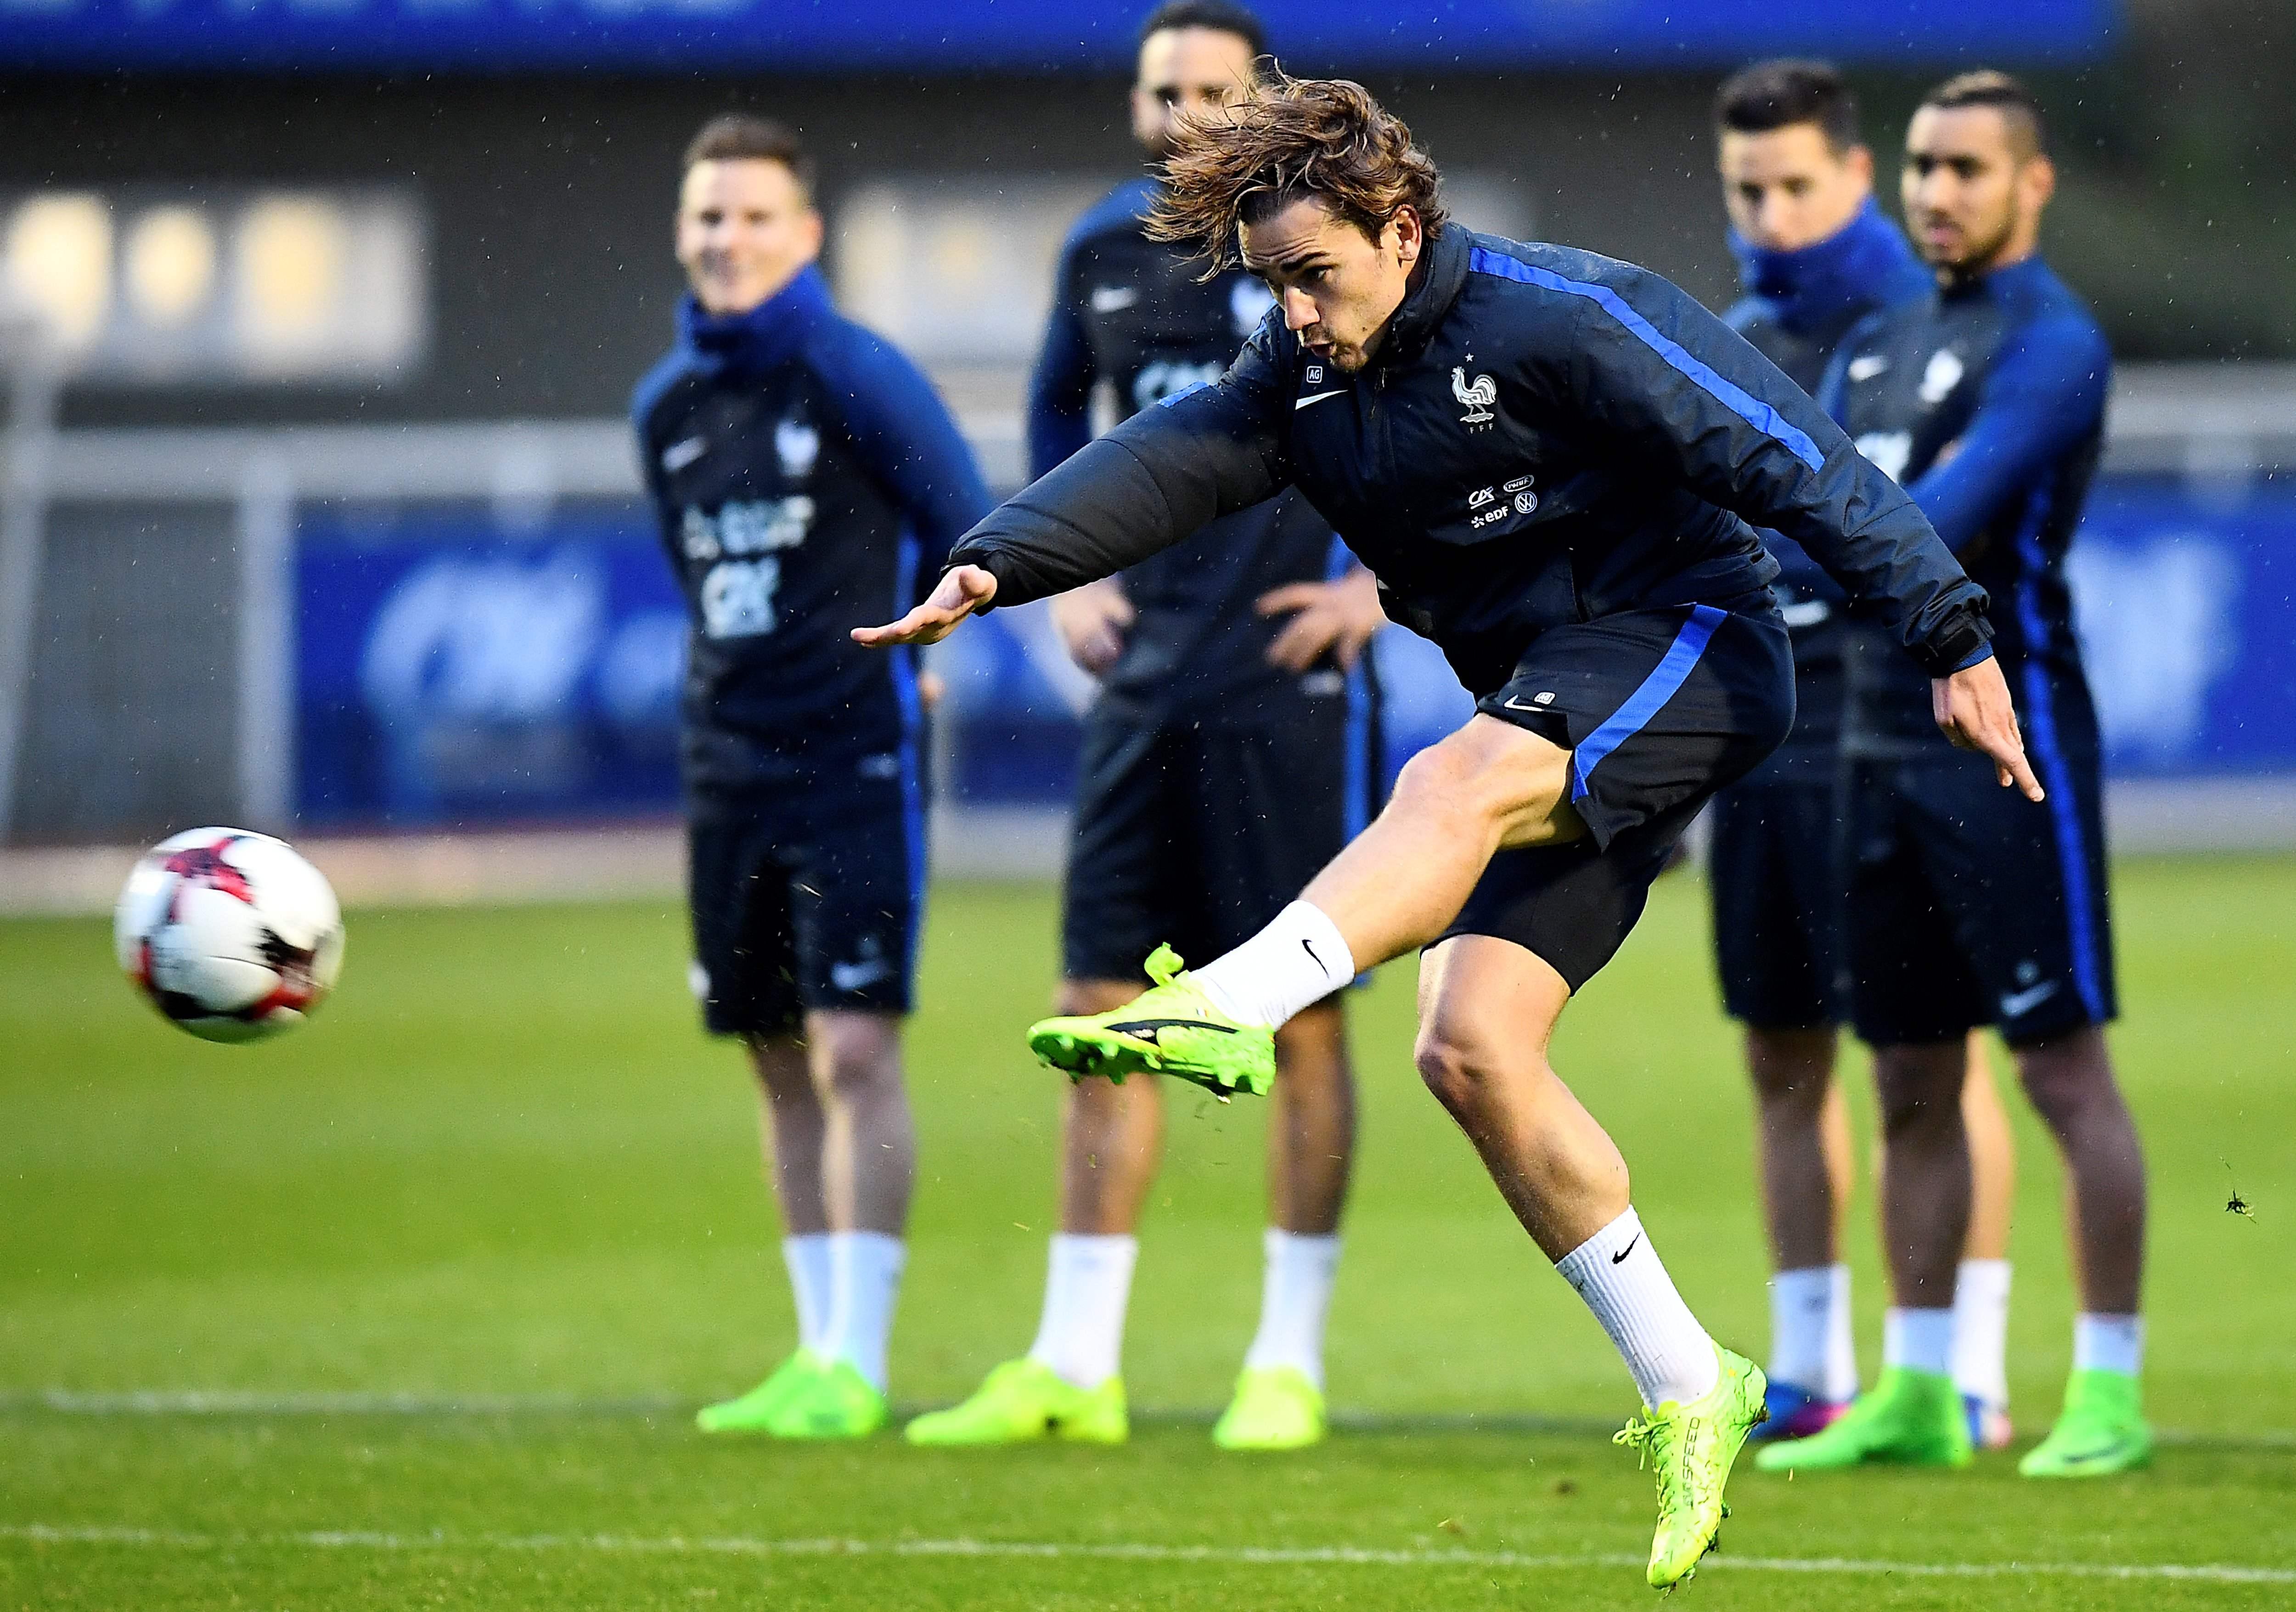 Football - Transferts - Le transfert d'Antoine Griezmann à Manchester United en bonne voie ?